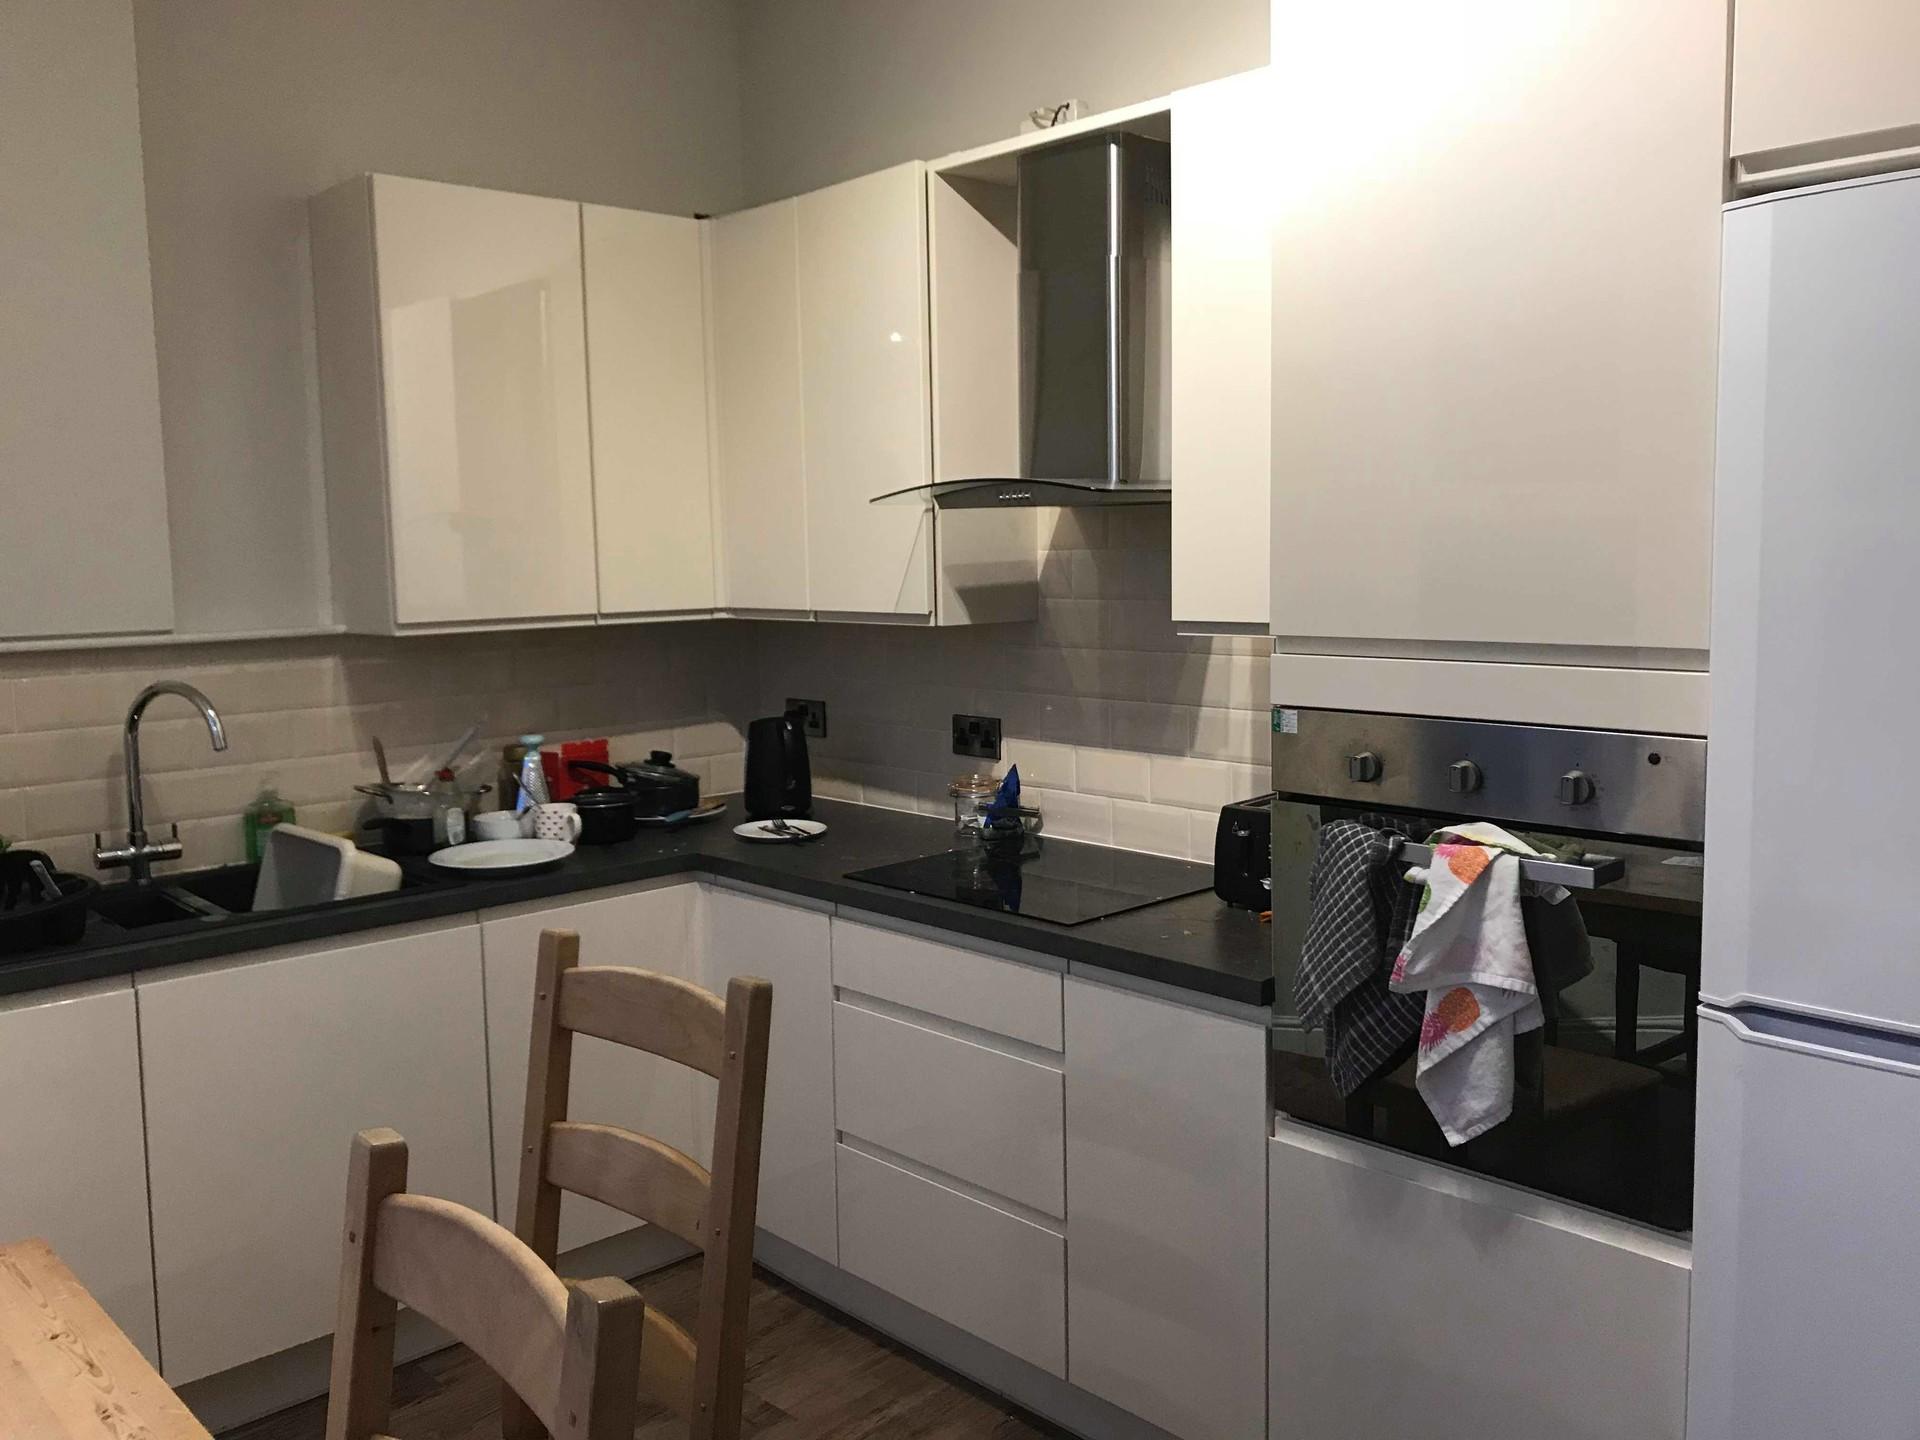 lovely-room-sheffield-uk-semester-2-rent-88-week-a44528d1ff53931d0b32b605a1bc7974